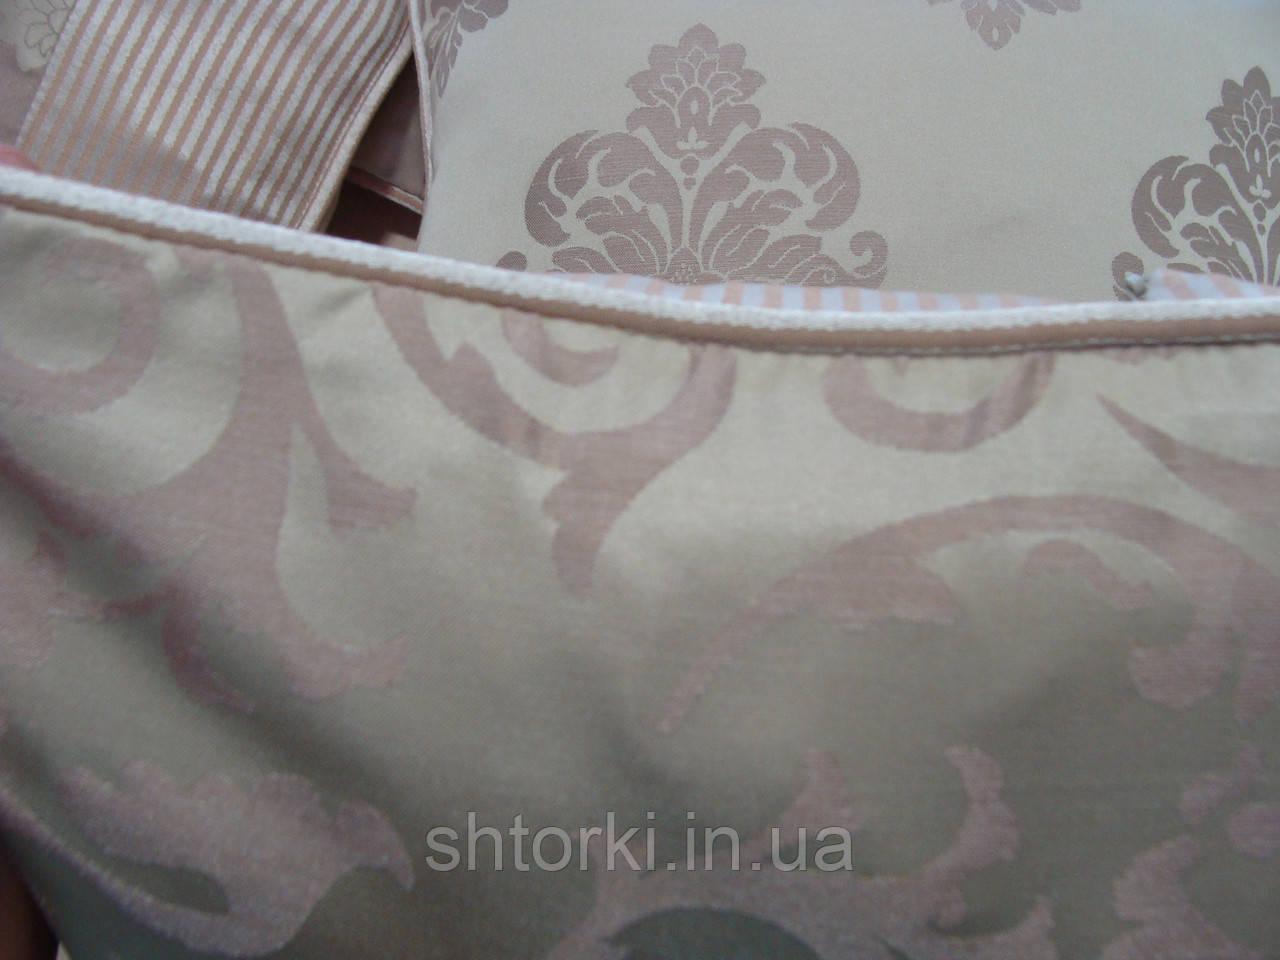 Комплект подушек Беж с розовинкой, 5шт